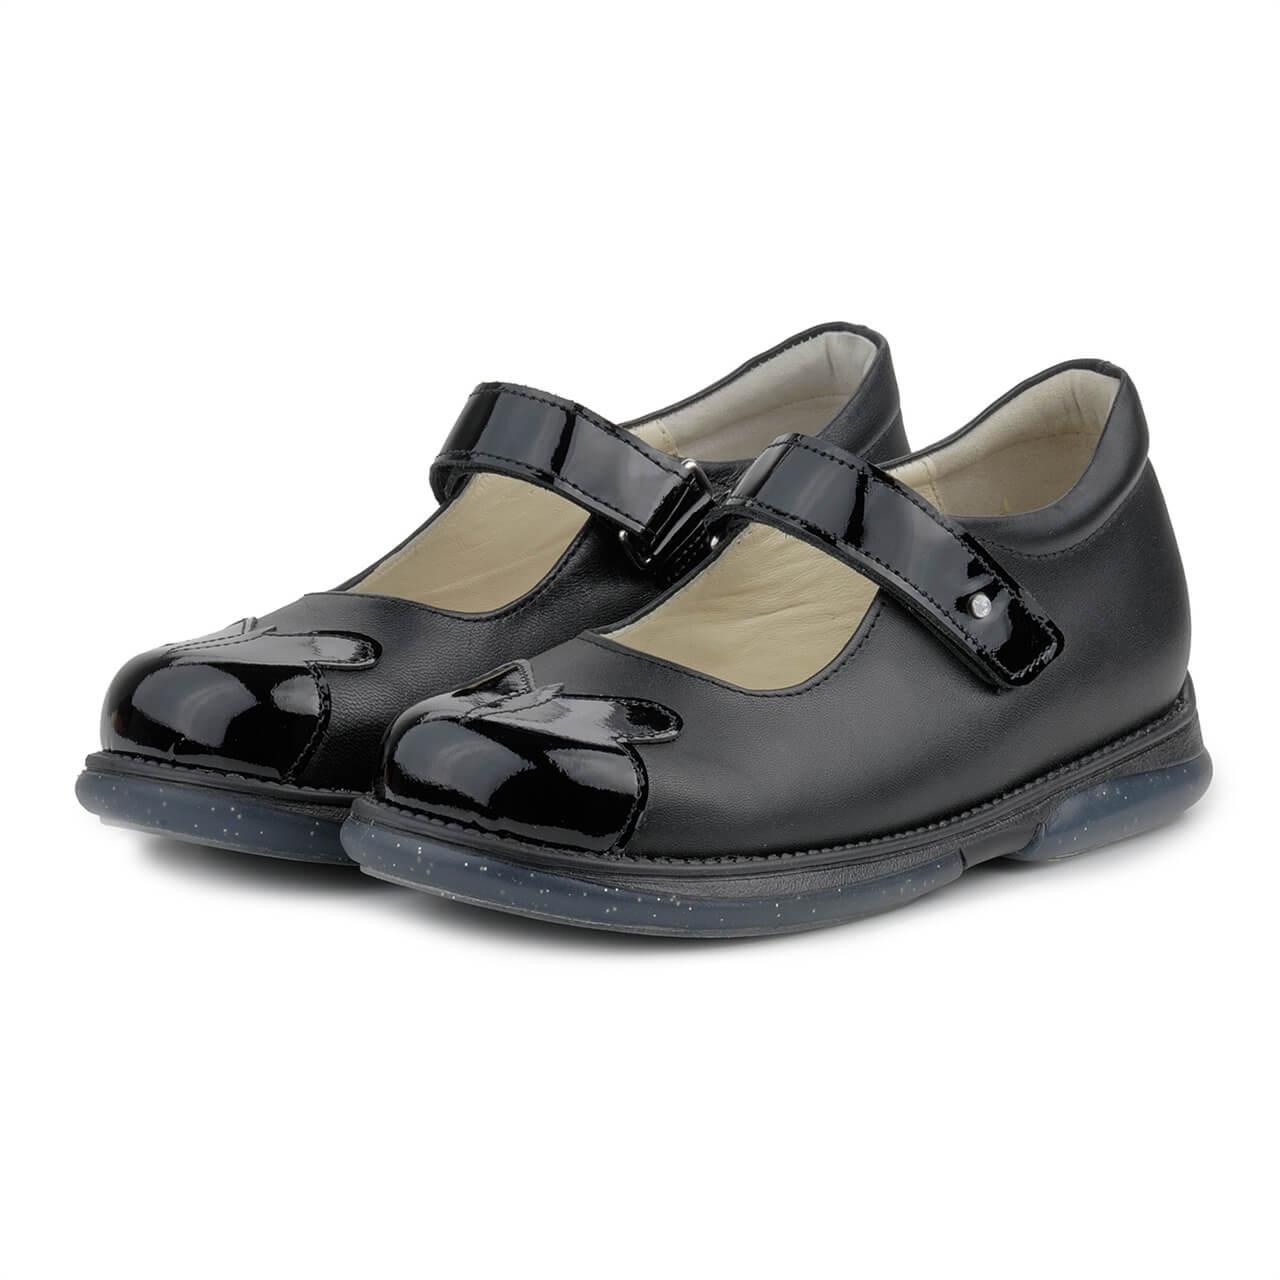 Туфлі ортопедичні Memo Cinderella 3LA Чорні з лакованими носиками р.30-36 146ea8595770c